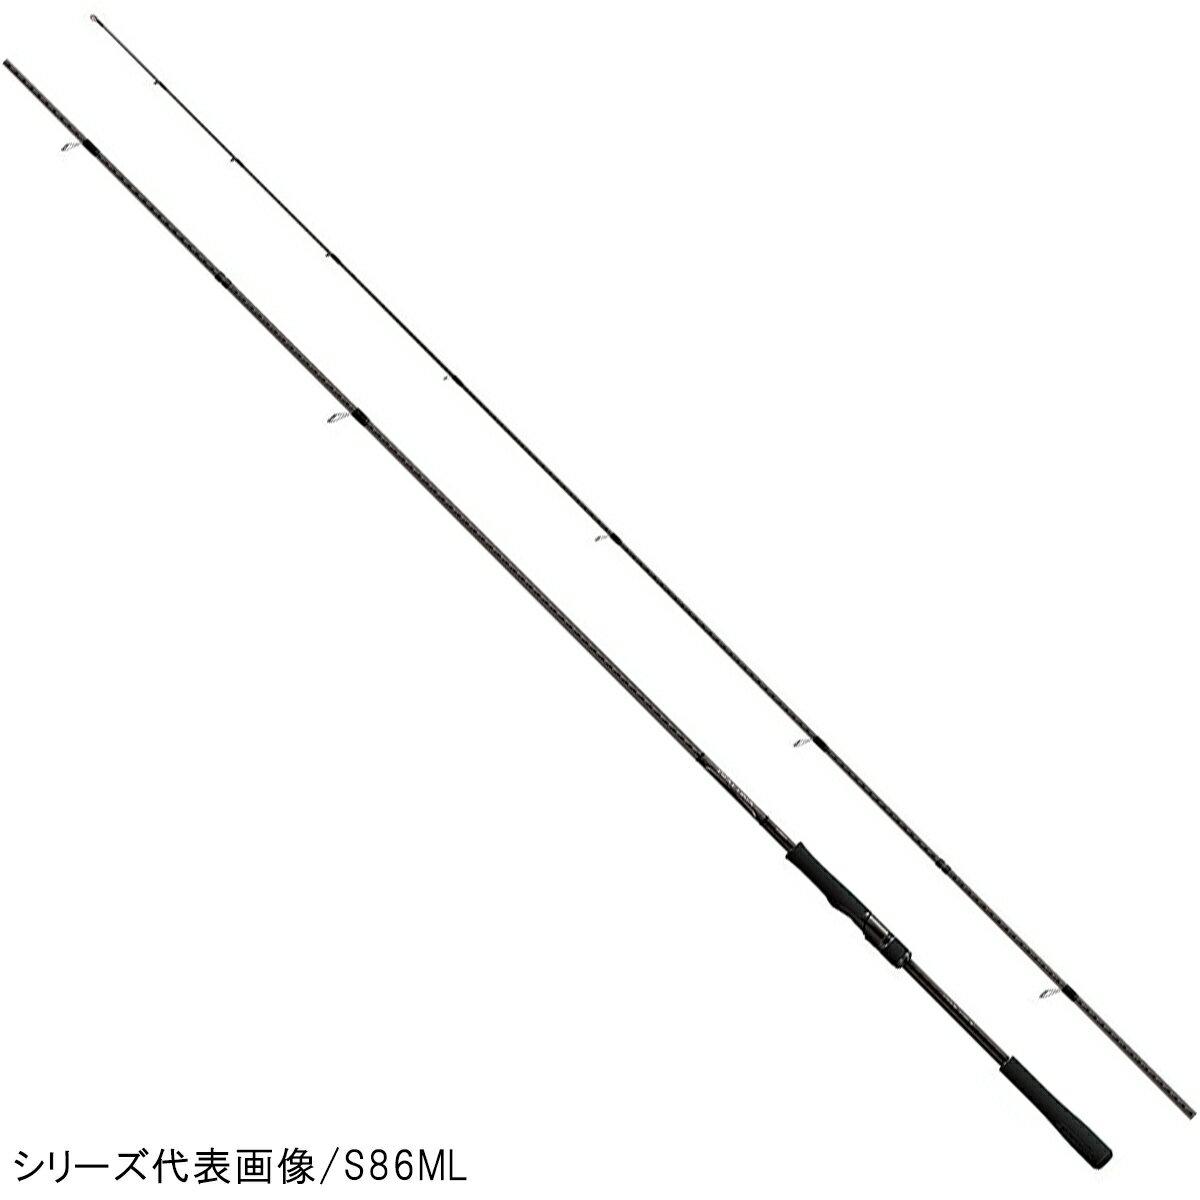 シマノ ディアルーナ (スピニング) S90ML